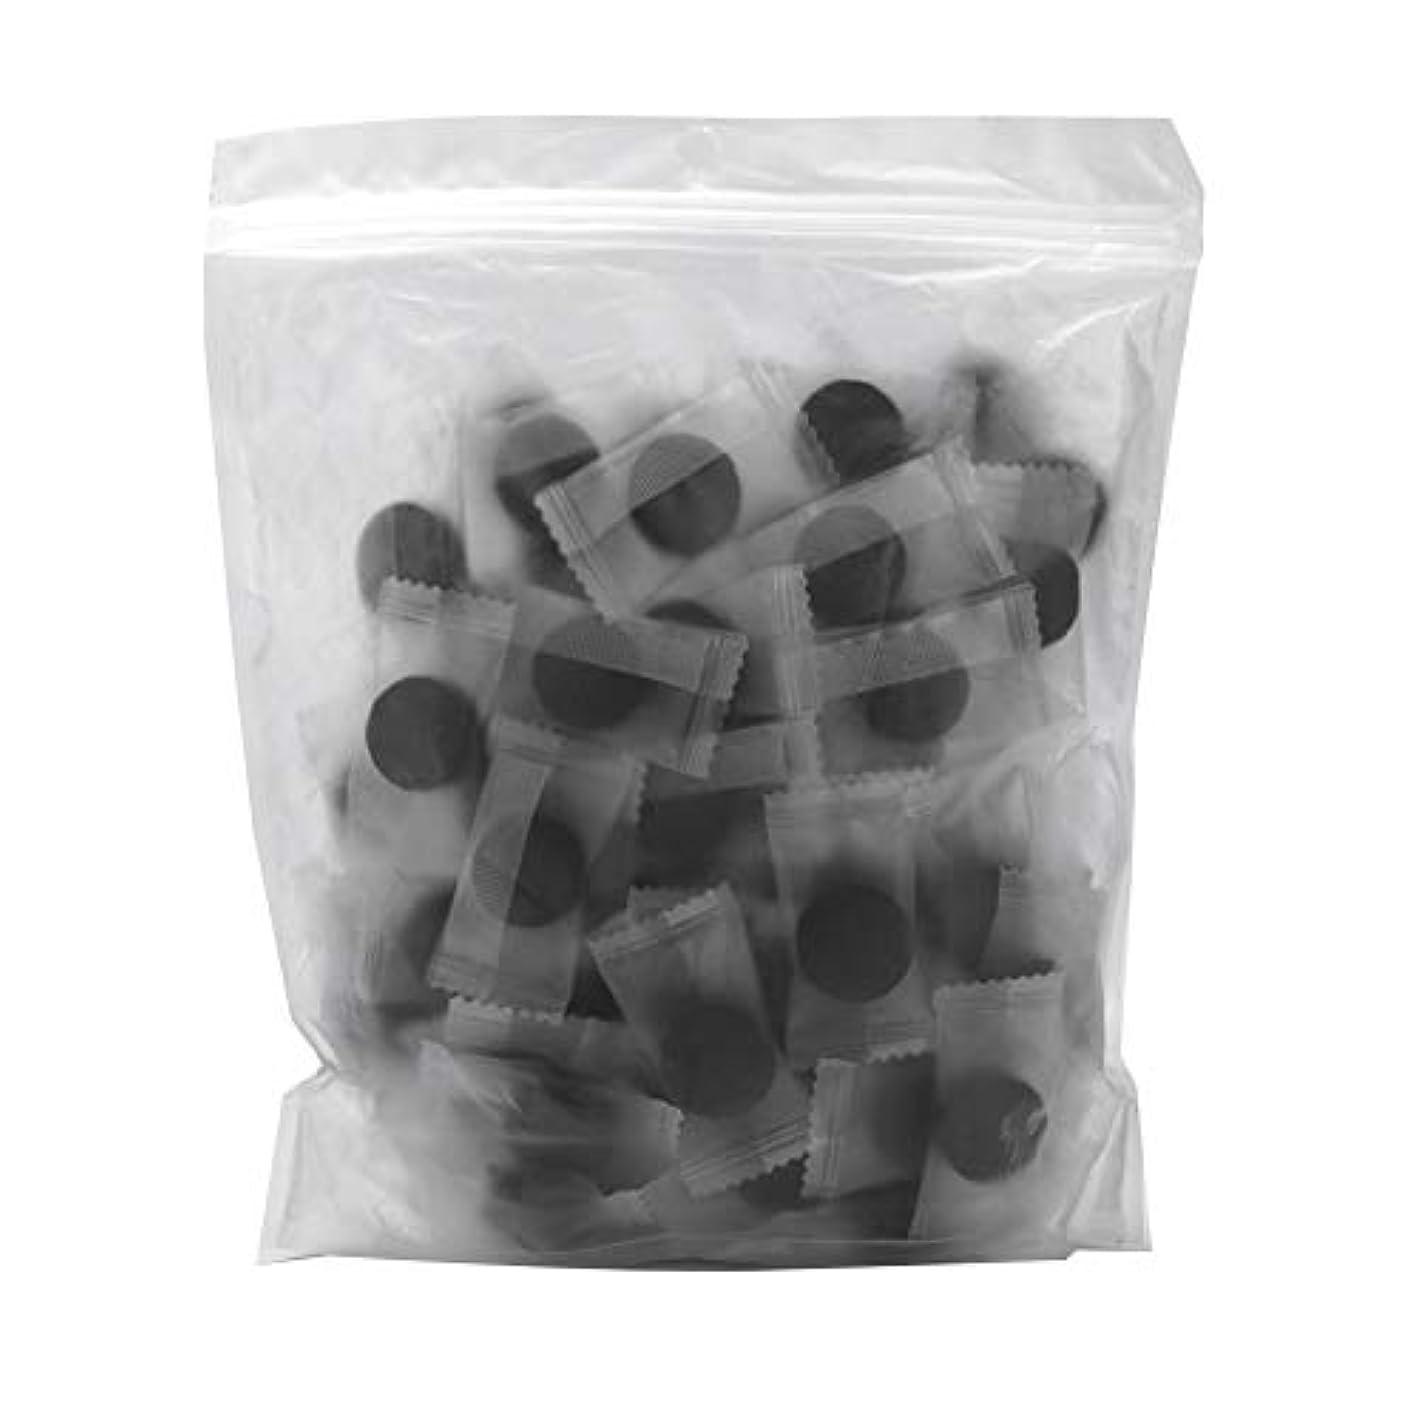 競争スタンドひどい竹炭繊維 100ピース 圧縮フェースマスク 紙DIY スキンケア diy フェイシャルマスク